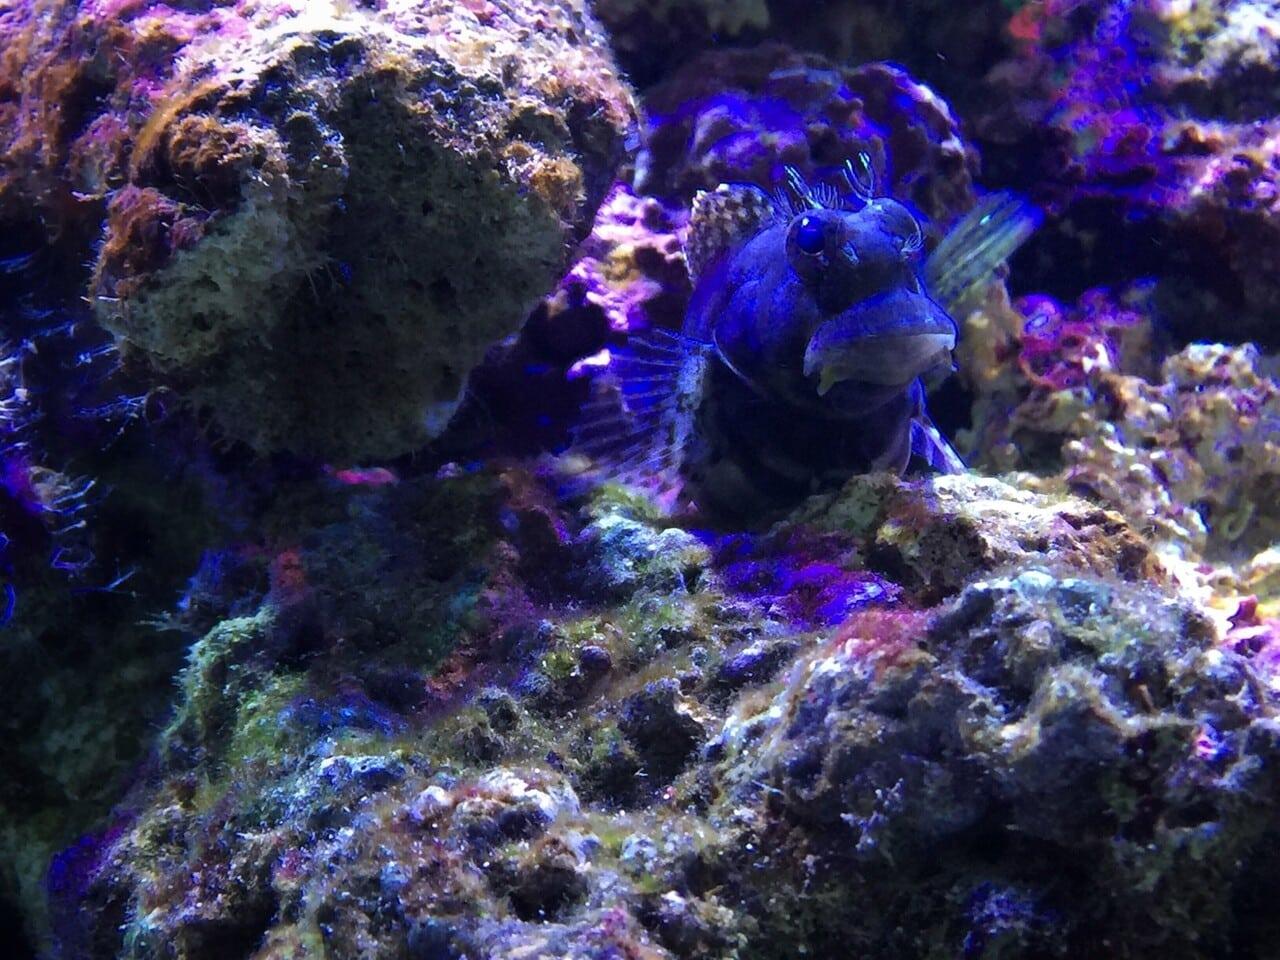 Mimics The Natural Habitat Of Fishes